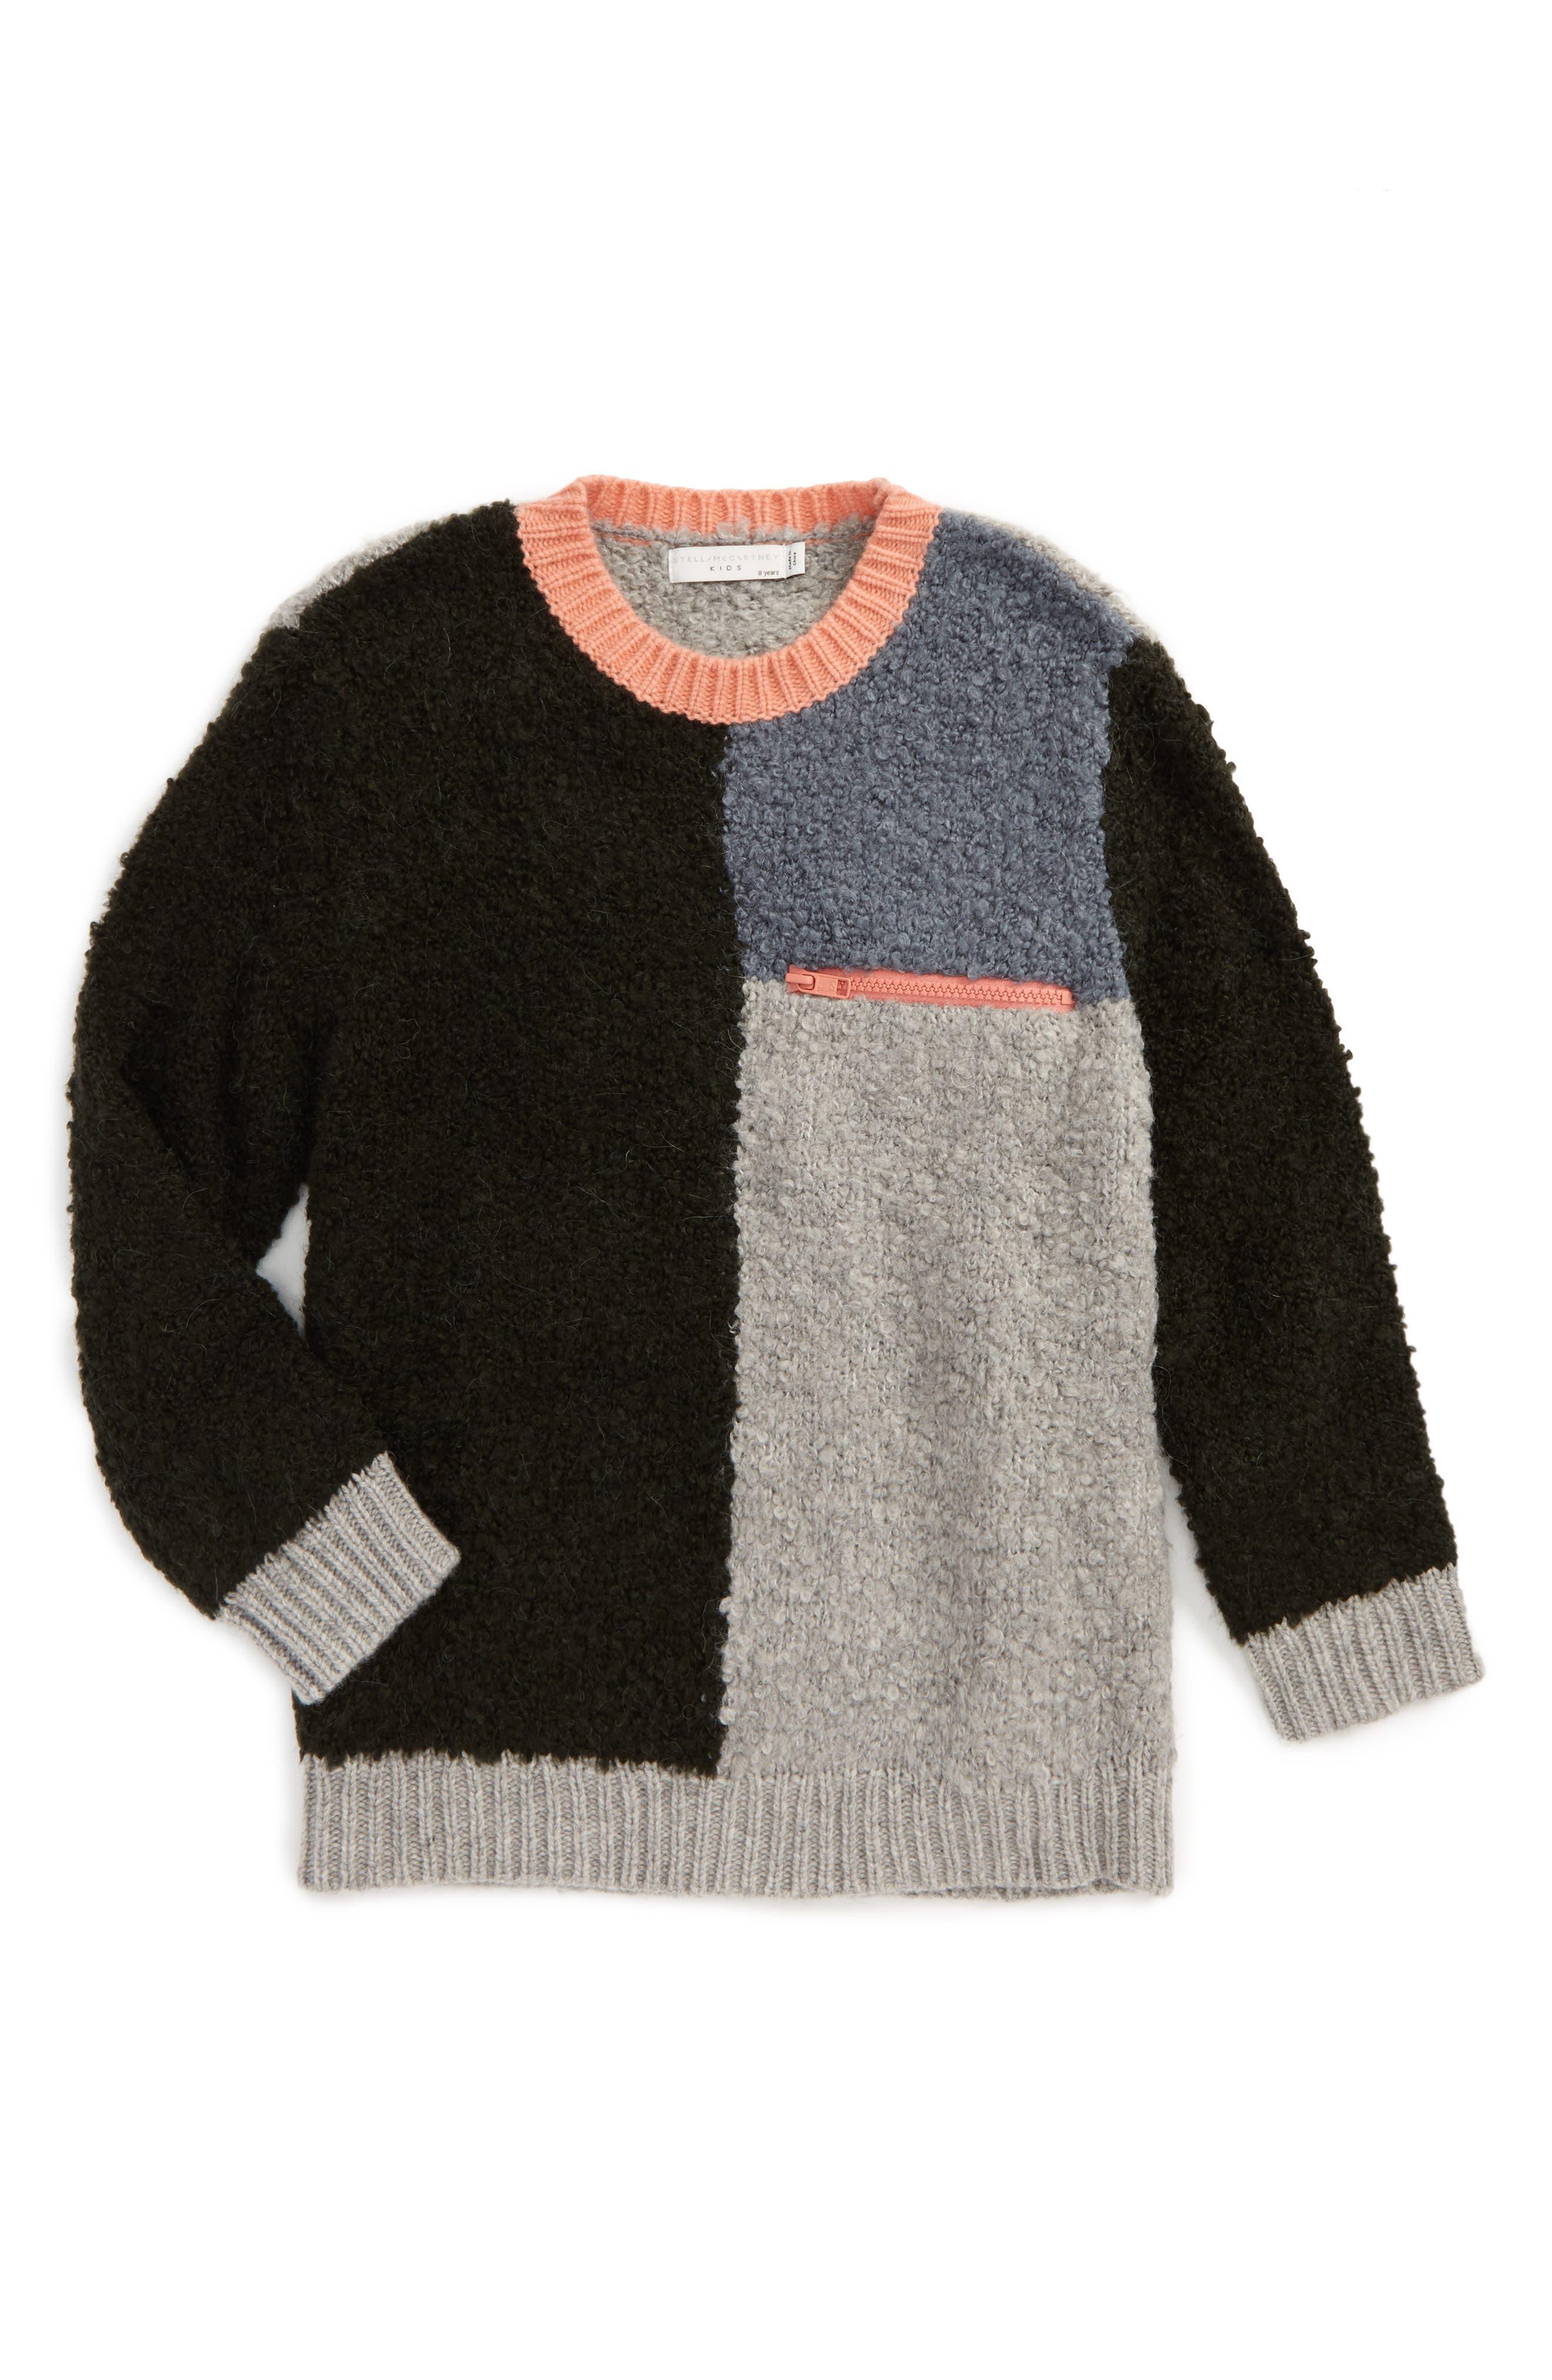 Alternate Image 1 Selected - Stella McCartney Kids Maya Colorblock Sweater (Toddler Girls, Little Girls & Big Girls)